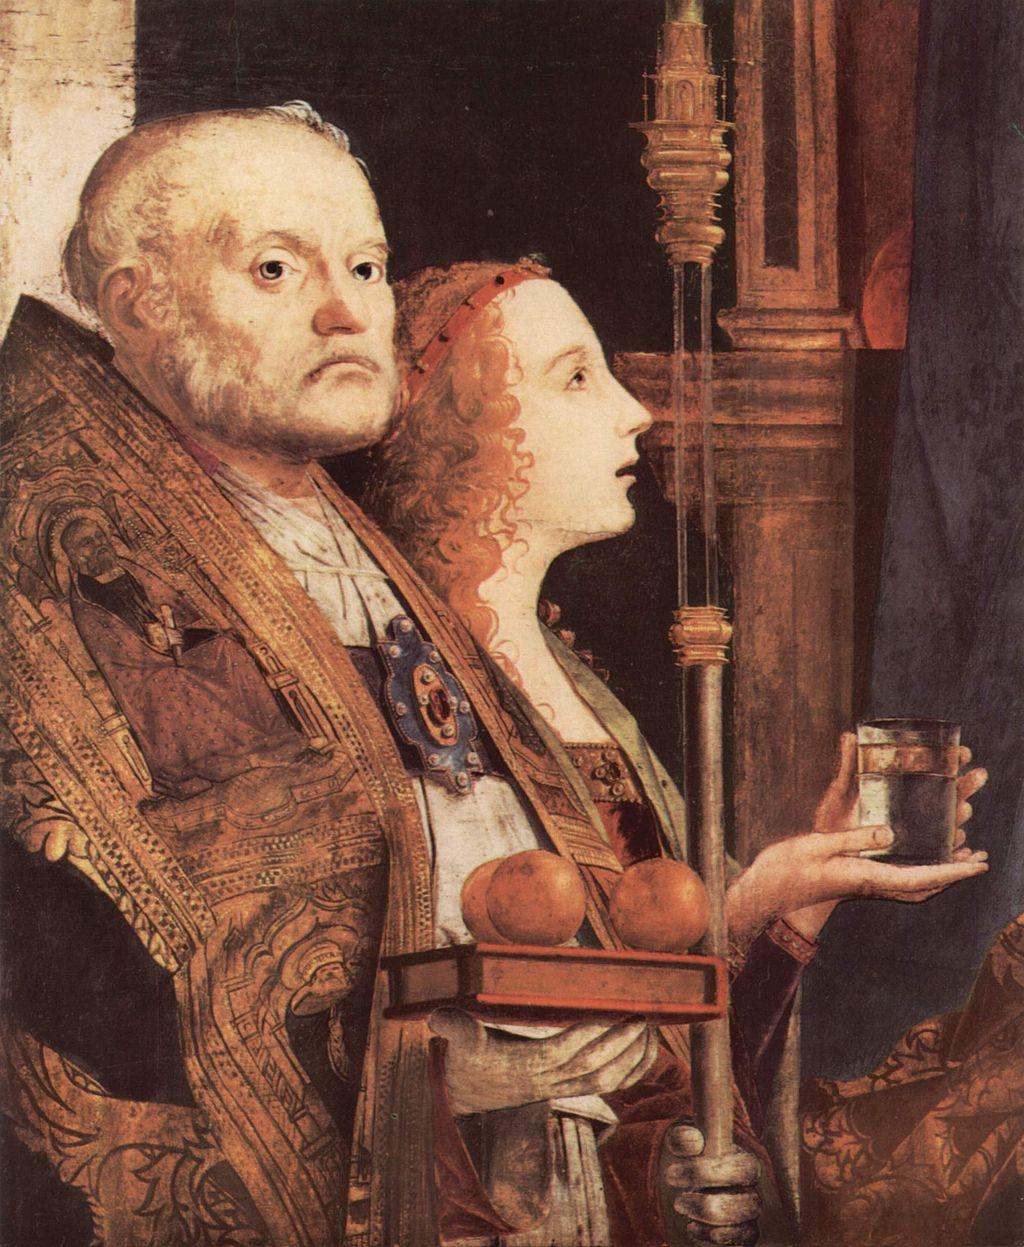 Antonello da Messina (1430–1479), Pala di San Cassiano (Madonna col Bambino tra i santi Nicola di Bari, Lucia, Orsola e Domenico), 1475-1476 circa, olio su tavola, 115×135,6 cm, Vienna, Kunsthistorisches Museum